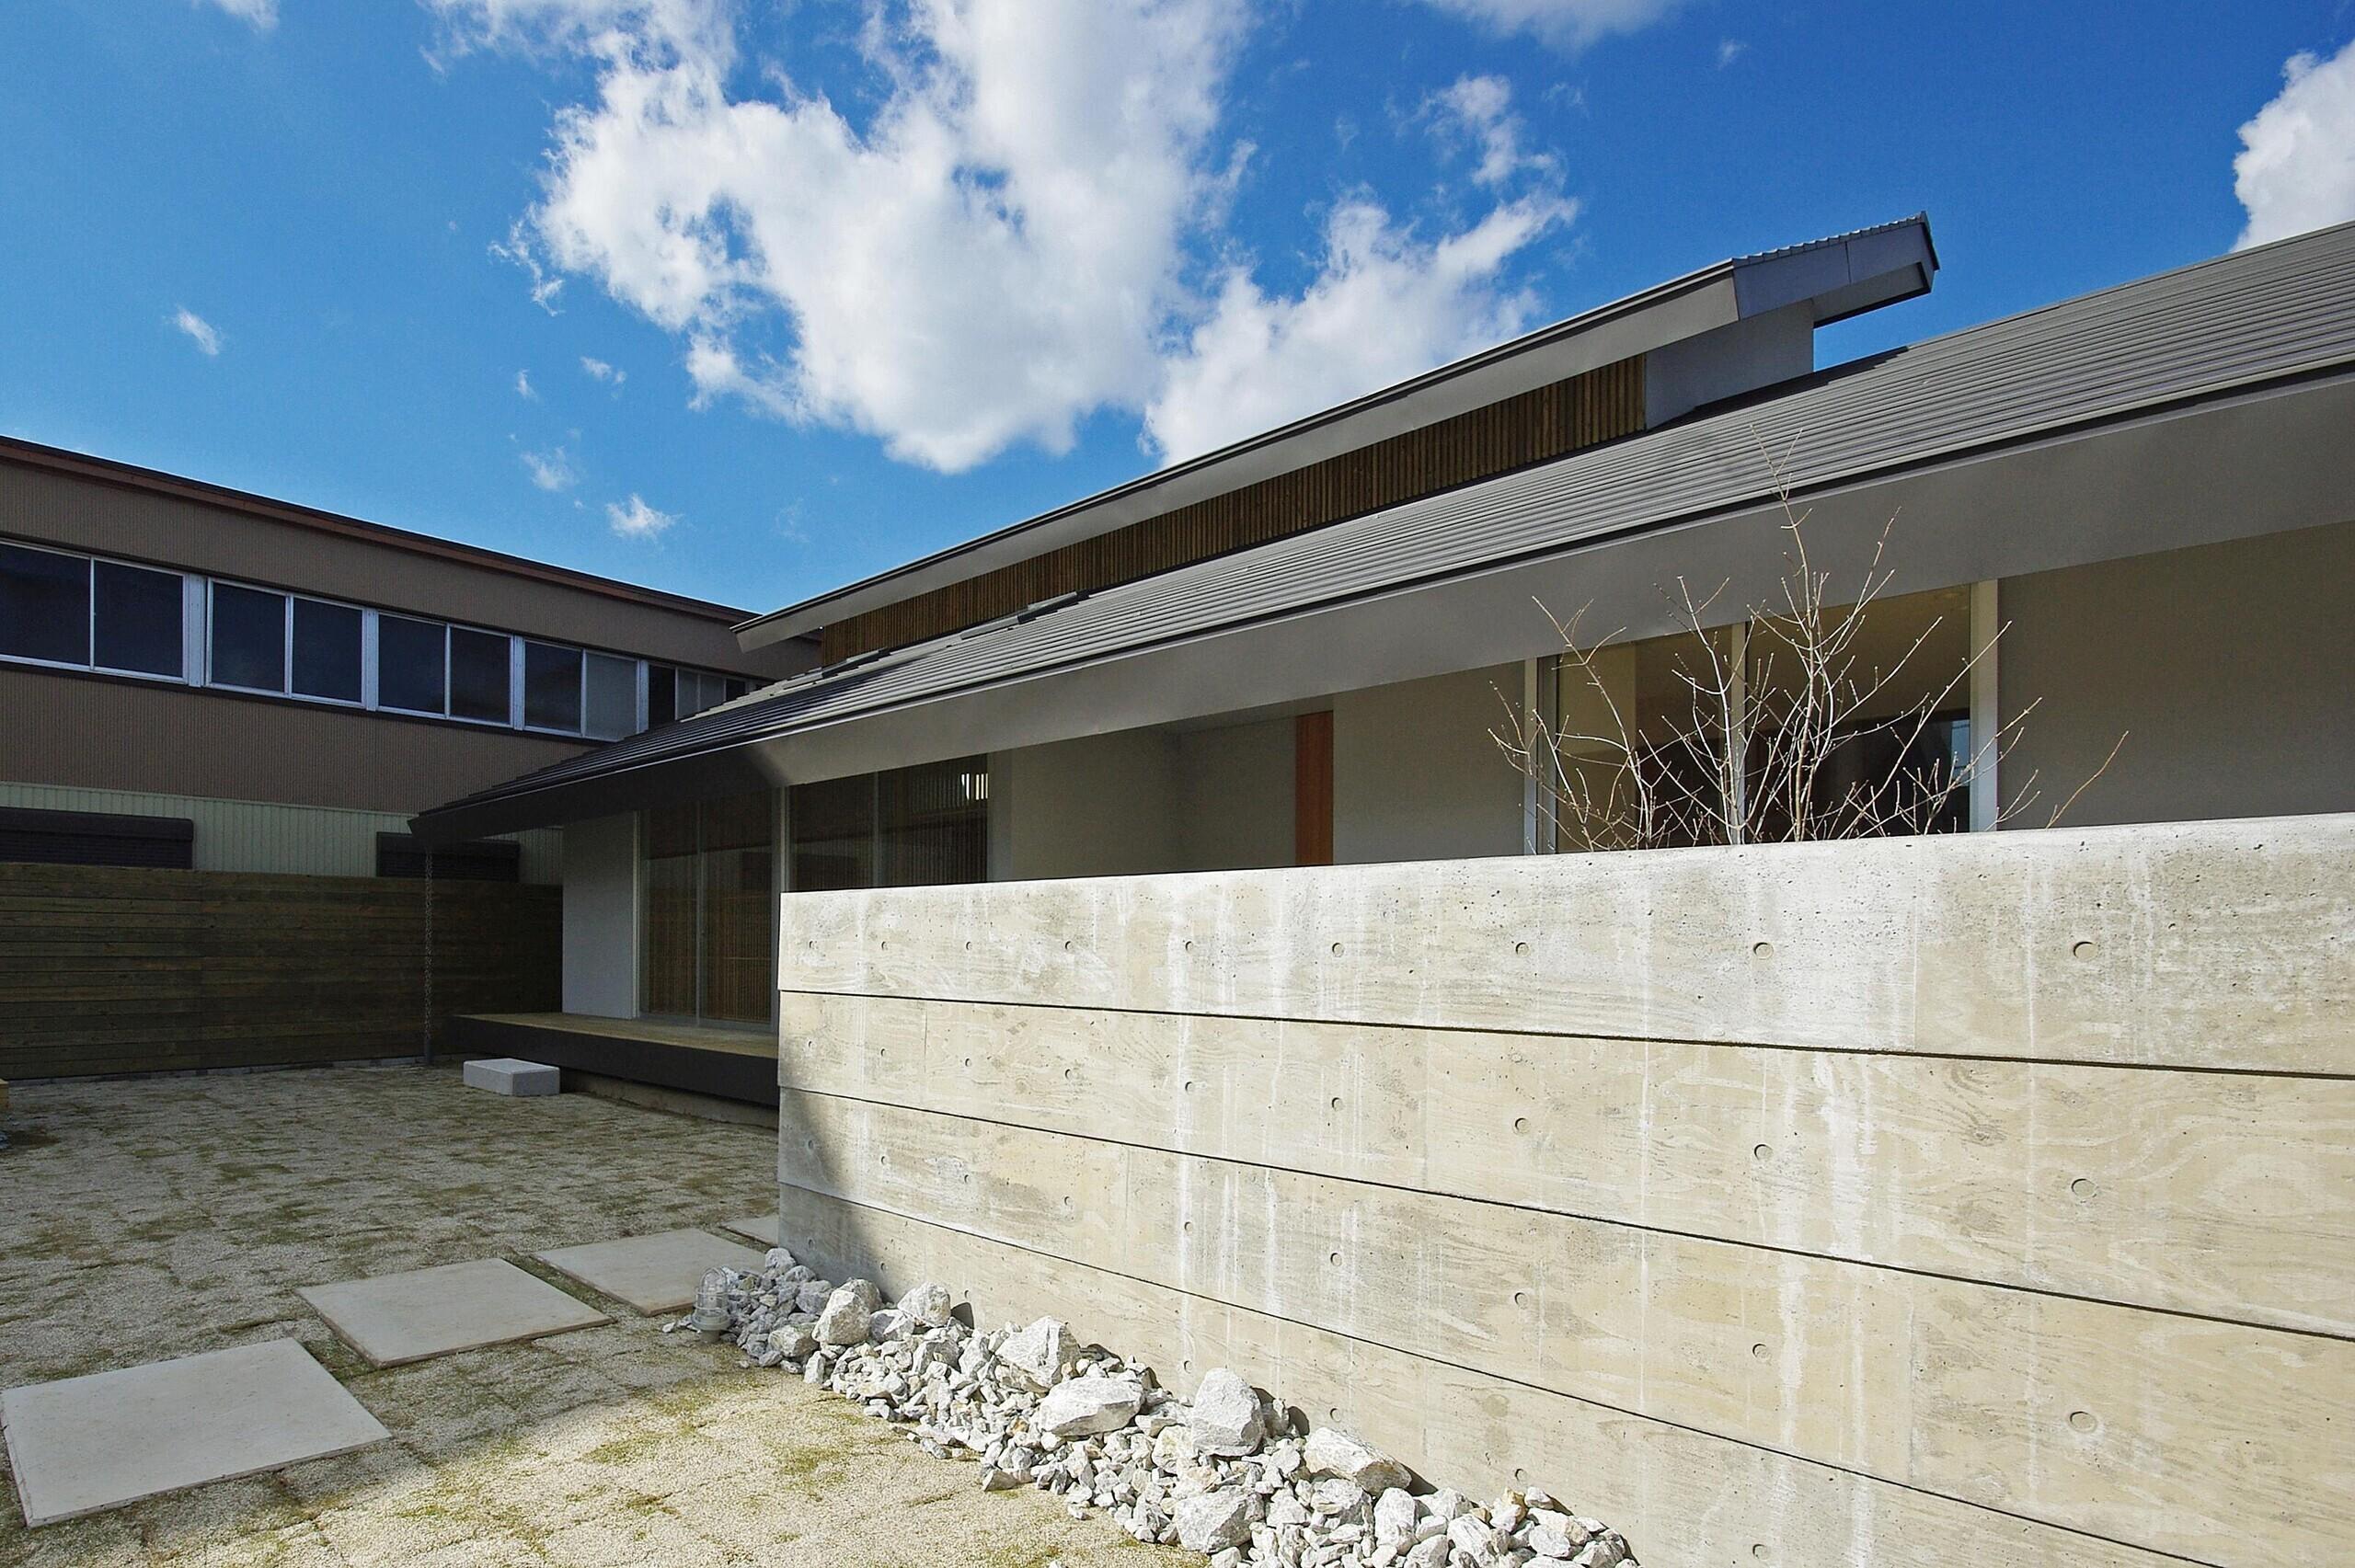 和風のどっしりとした外観ですが、スッキリ見えるよう、細かな納まりに気をつかっています。   常盤の家-tokiwa